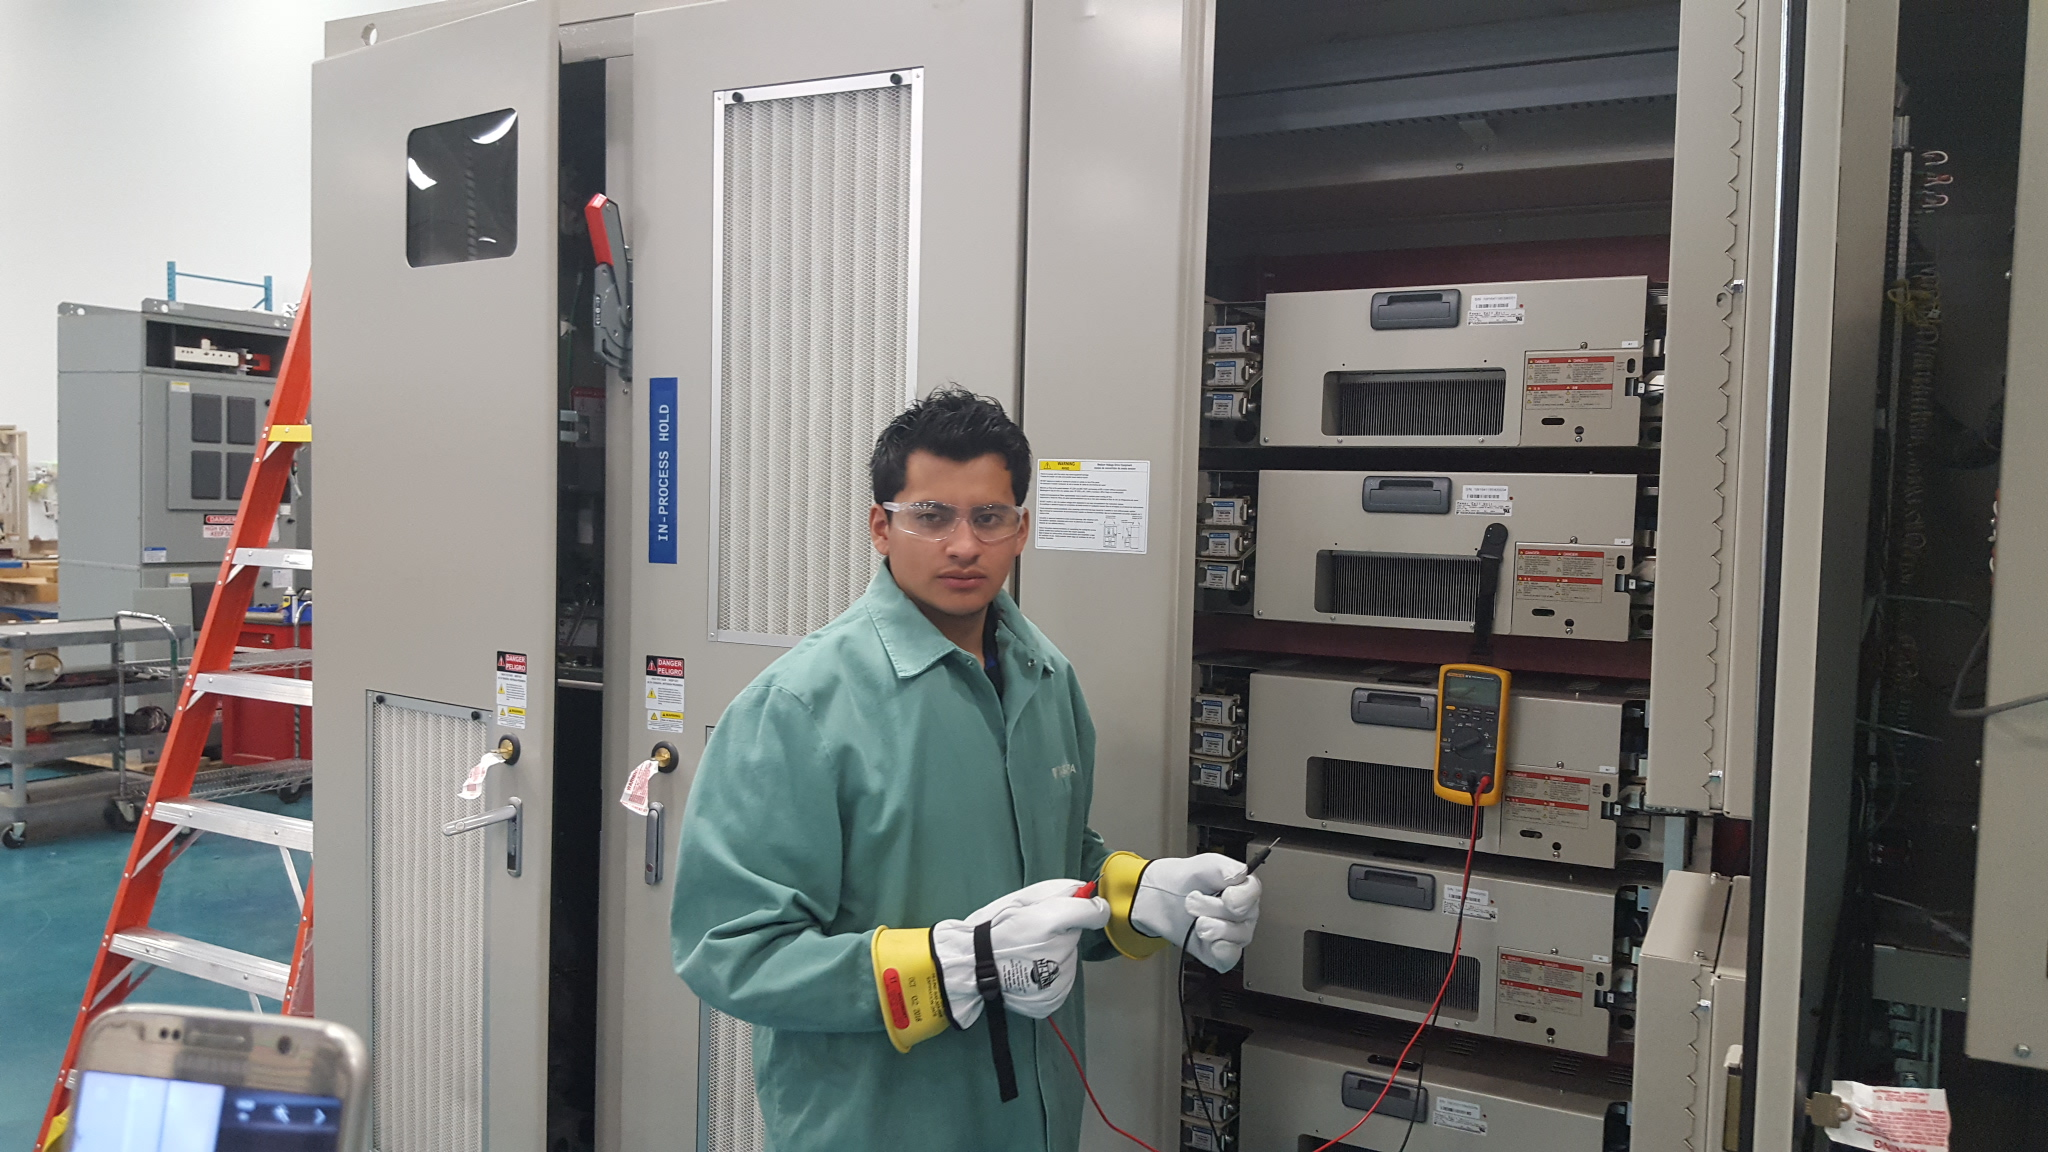 Ingeniero de Aplicaciones de Variadores Chile, se certifica en fábrica.